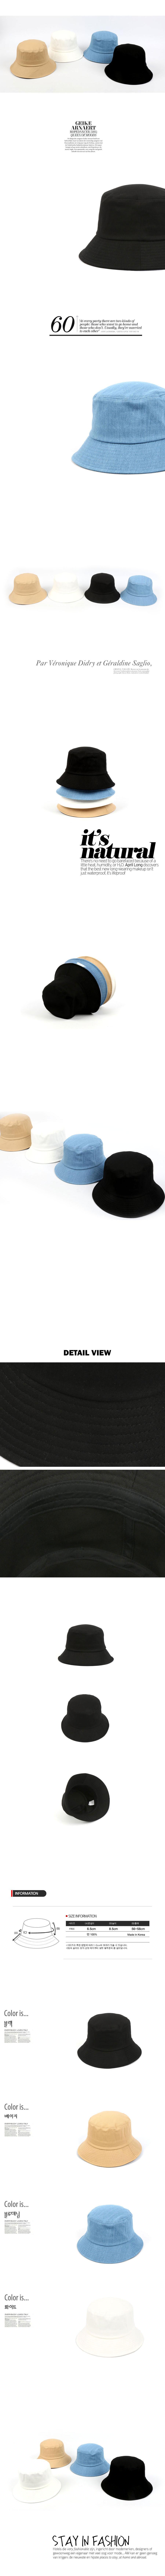 애니웨어 벙거지모자CH1490198 - 익스트리모, 21,160원, 모자, 버킷햇